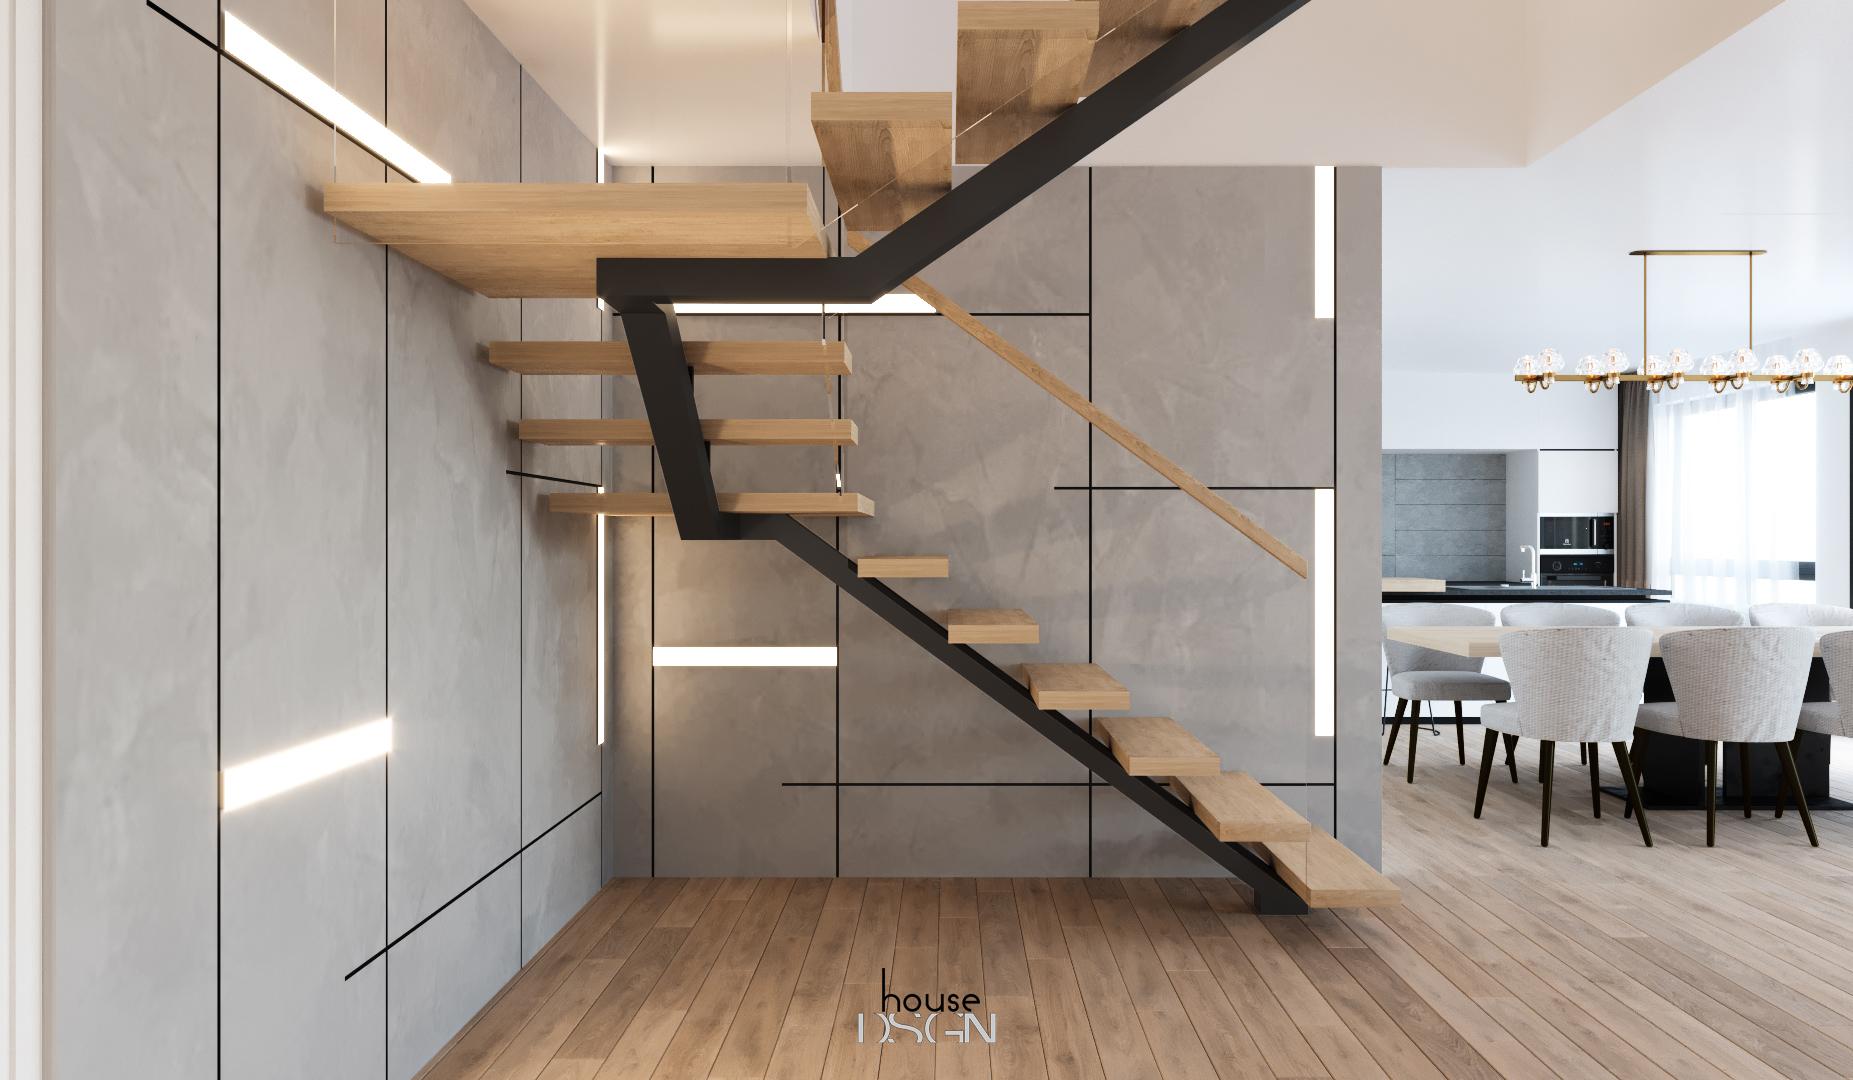 không gian sống với nội thất đương đại